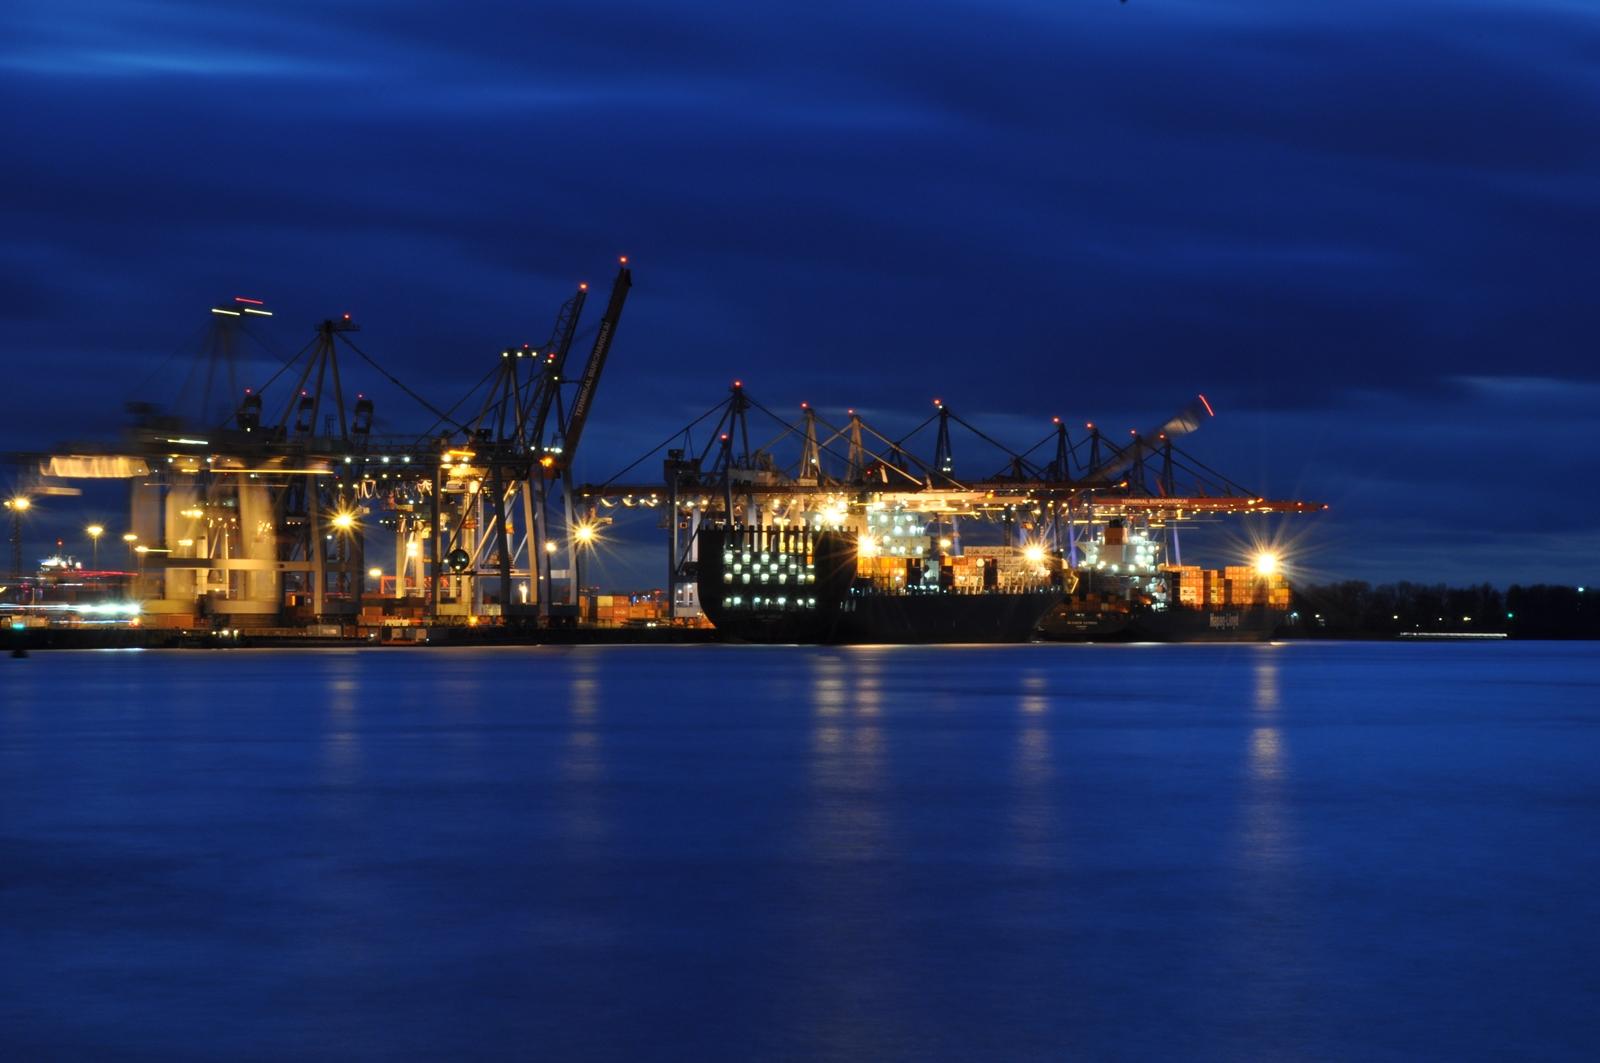 Blue Hour @ Dockland